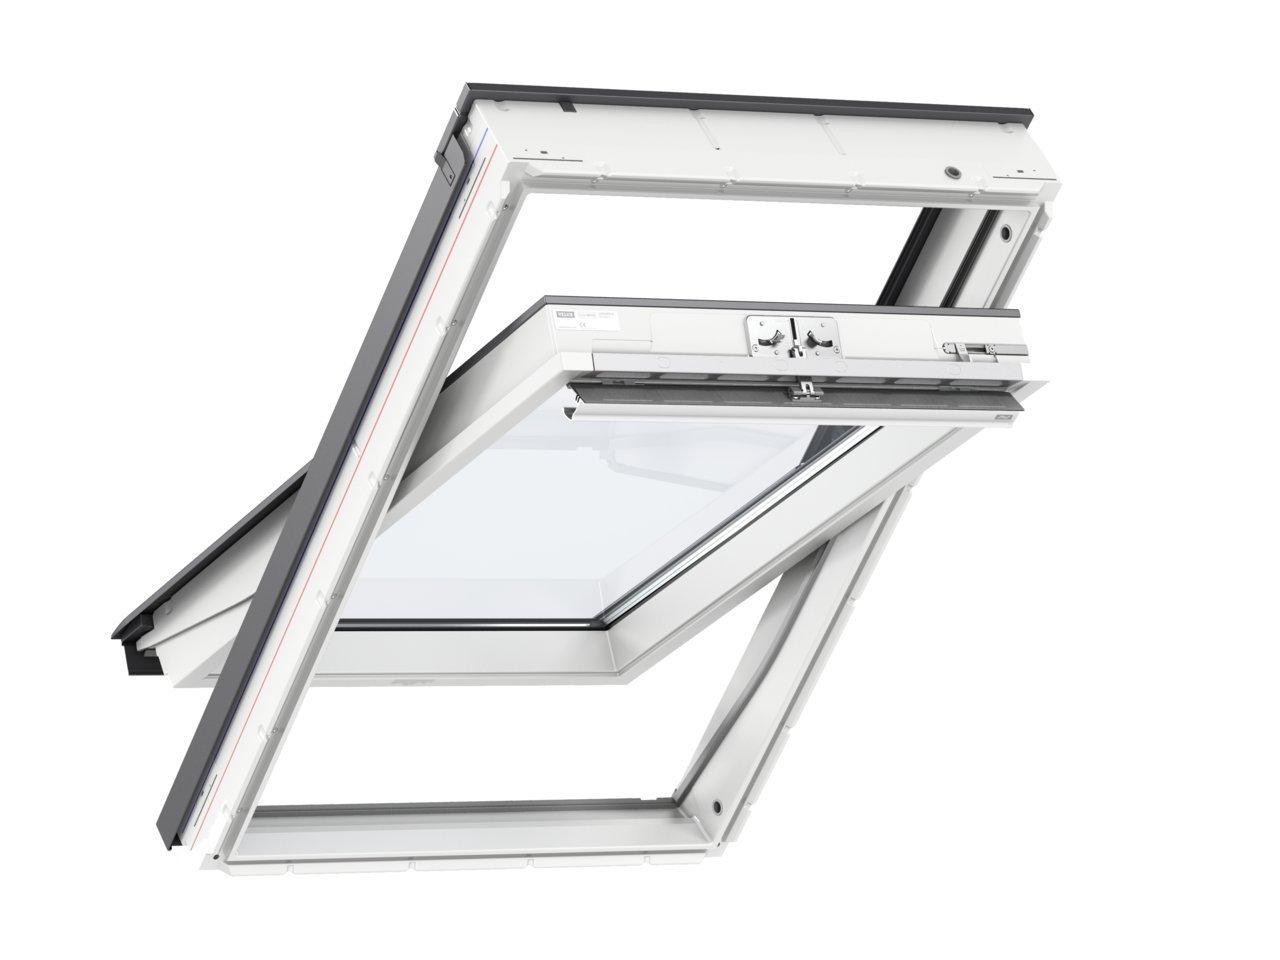 Full Size of Aluplast Fenster Testbericht Aluminiumfenster Test 2020 0 Besten Im Salamander Rollos Ohne Bohren 120x120 Rahmenlose Klebefolie Für Erneuern Kosten Kaufen In Wohnzimmer Aluplast Fenster Testbericht